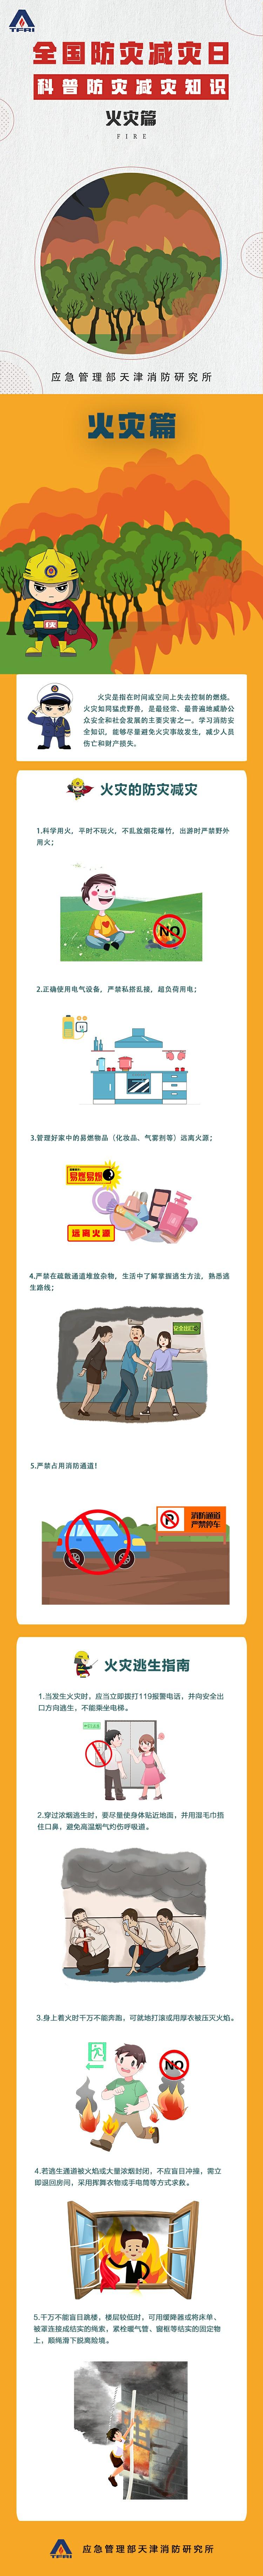 天富官网首页预防火灾安全常识